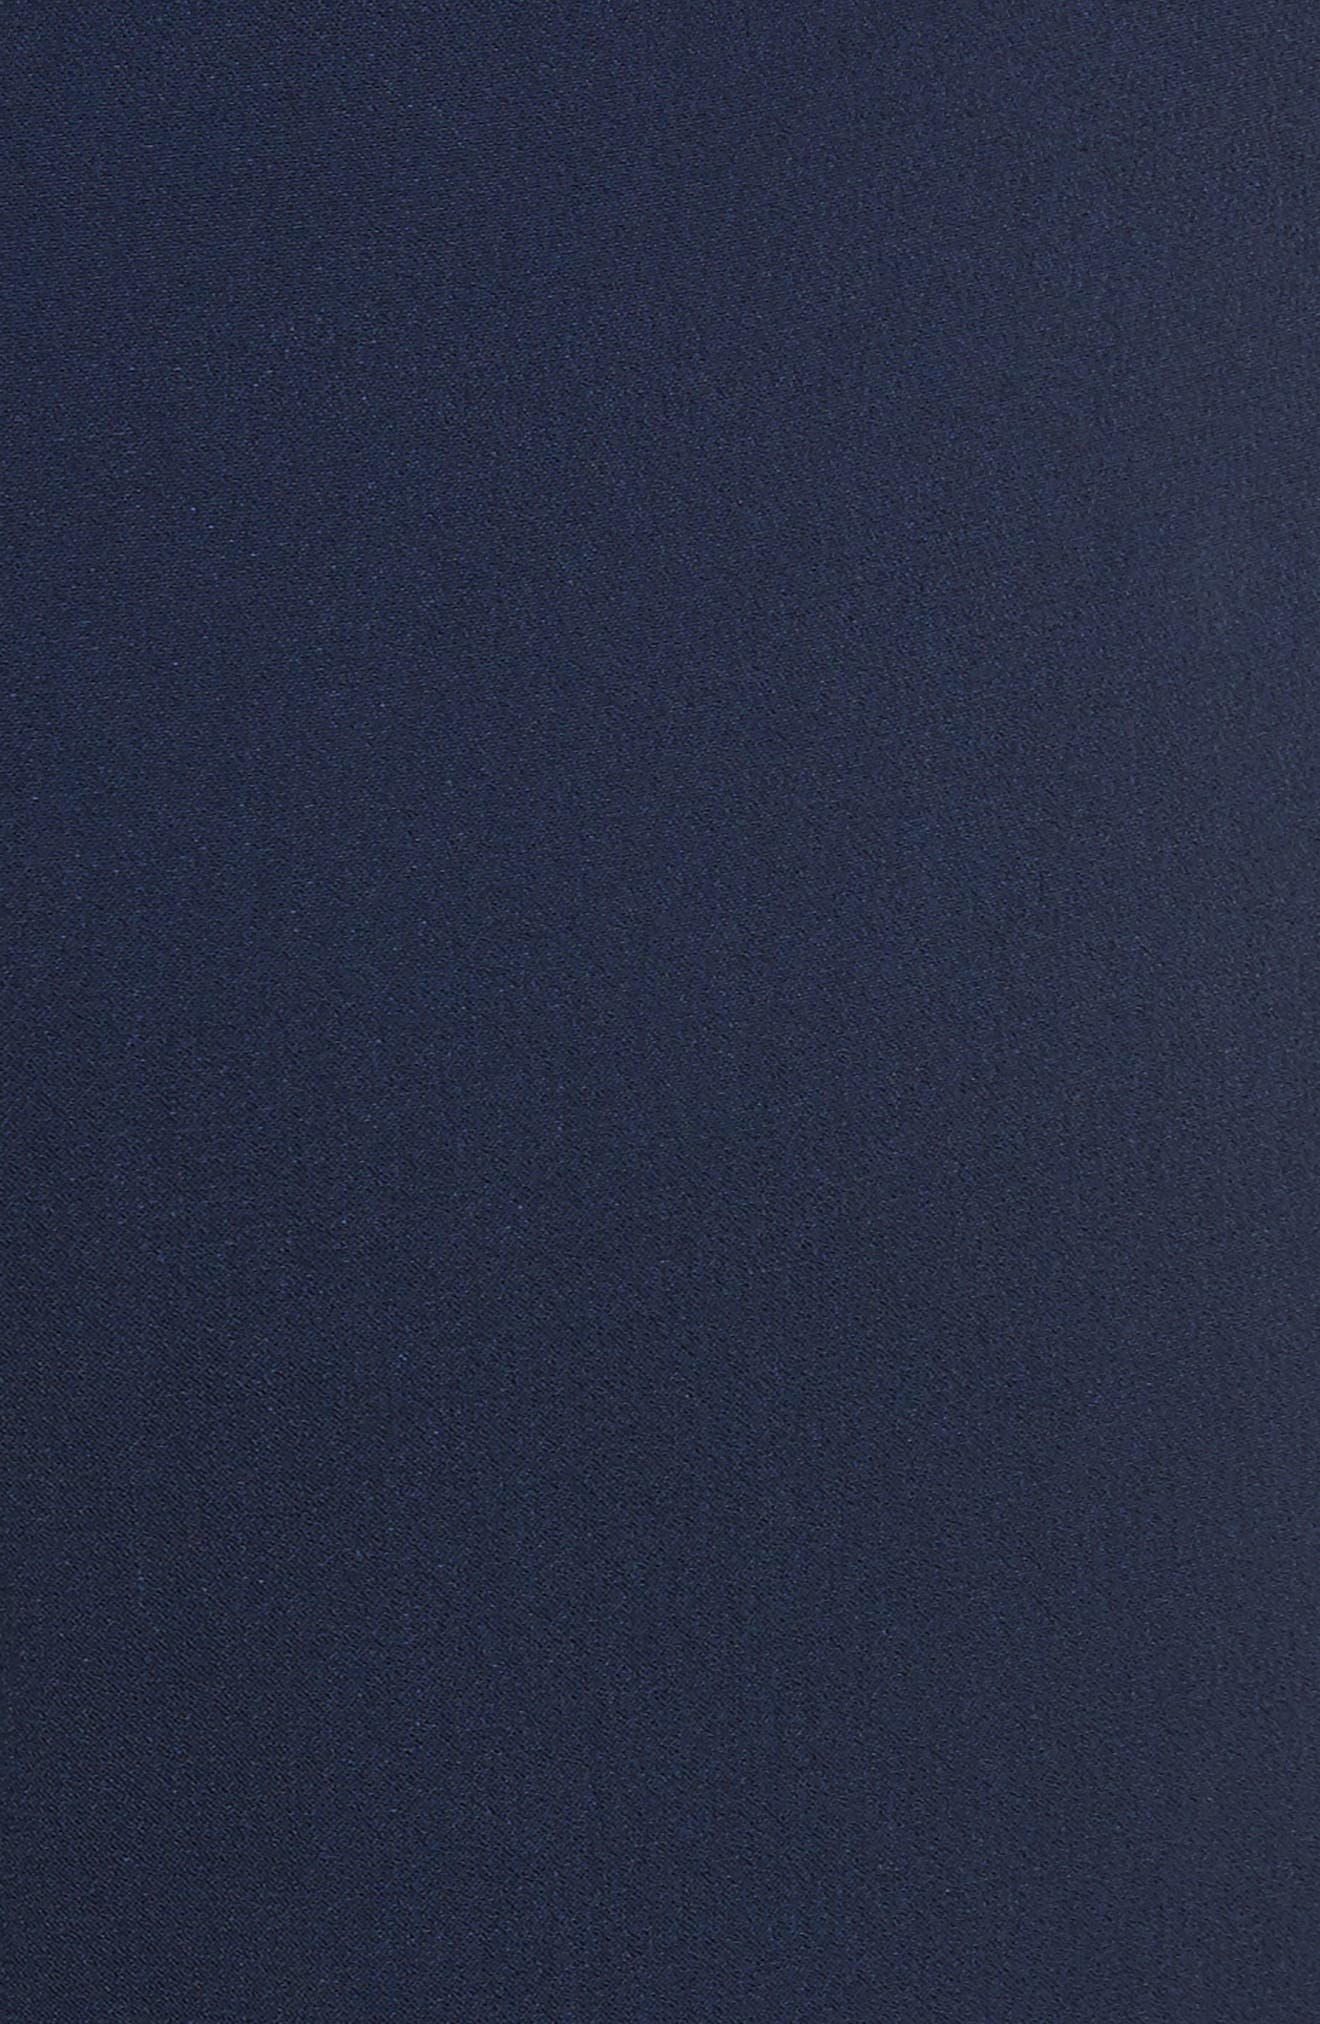 Adley Sailor Pants,                             Alternate thumbnail 5, color,                             410